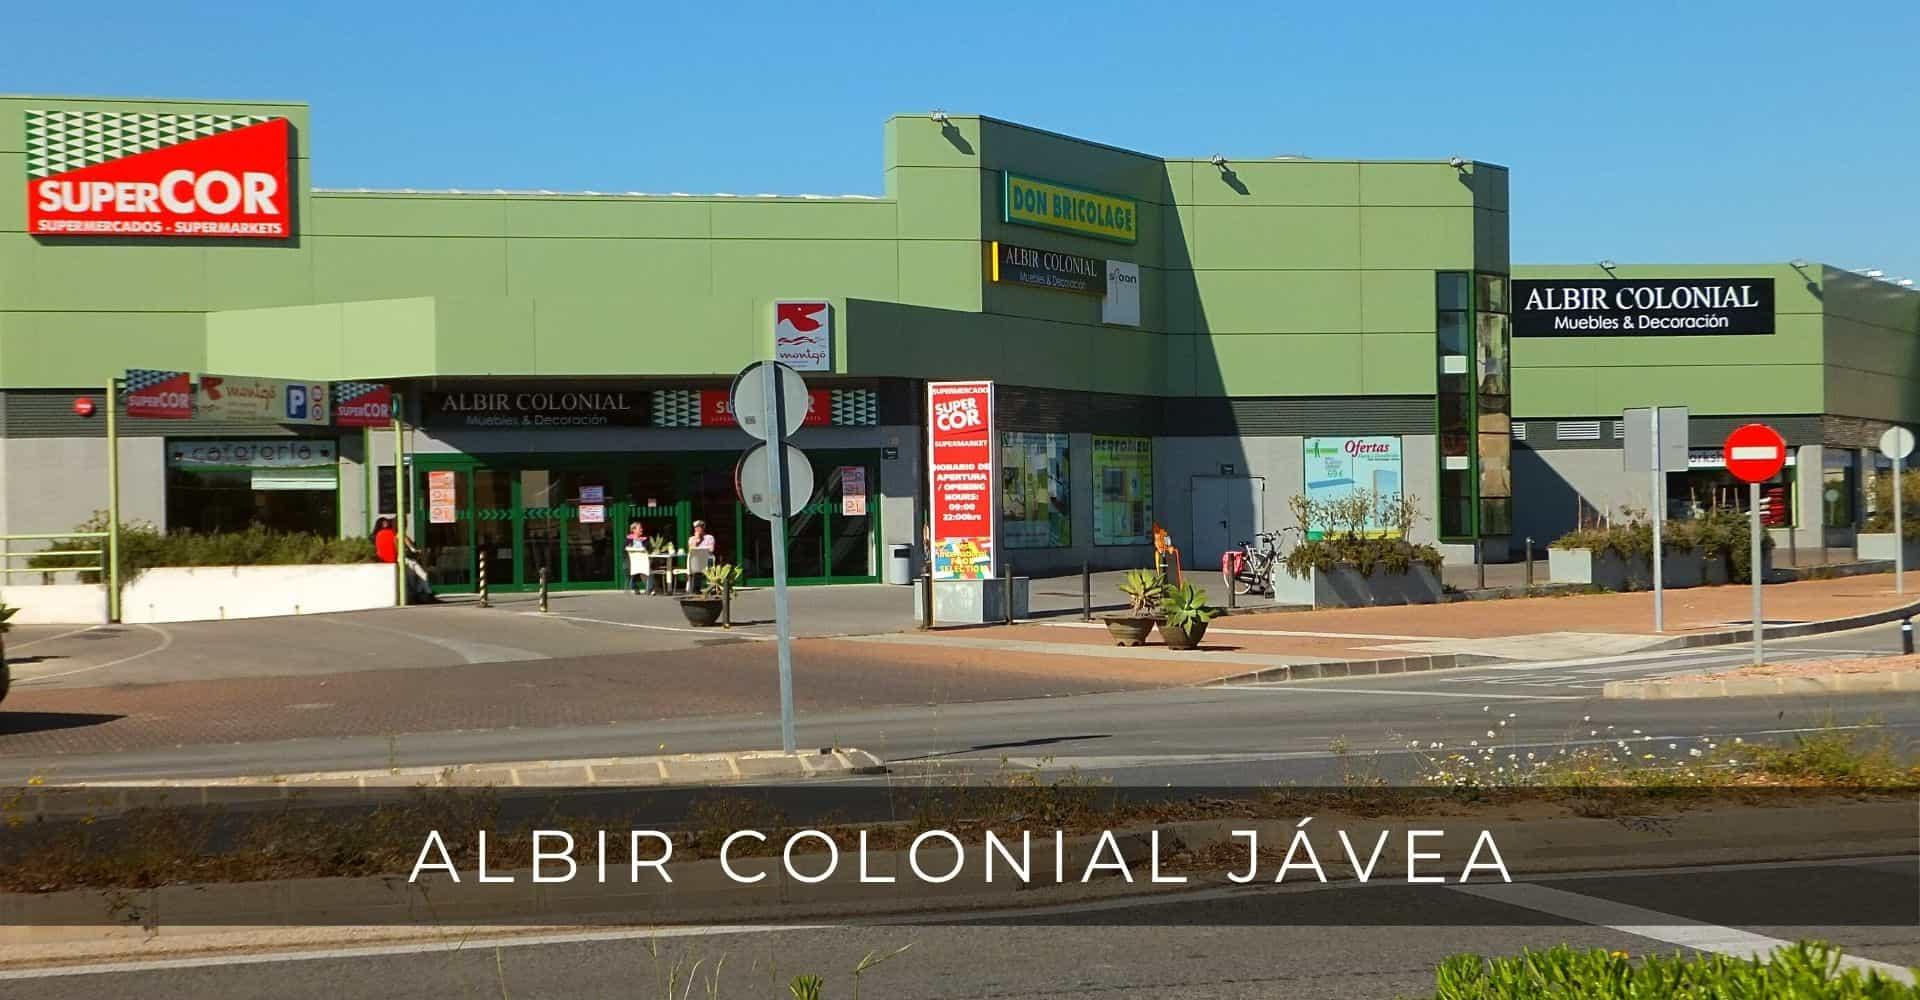 tiendas-de-muebles-albir-colonial-1-min.jpg